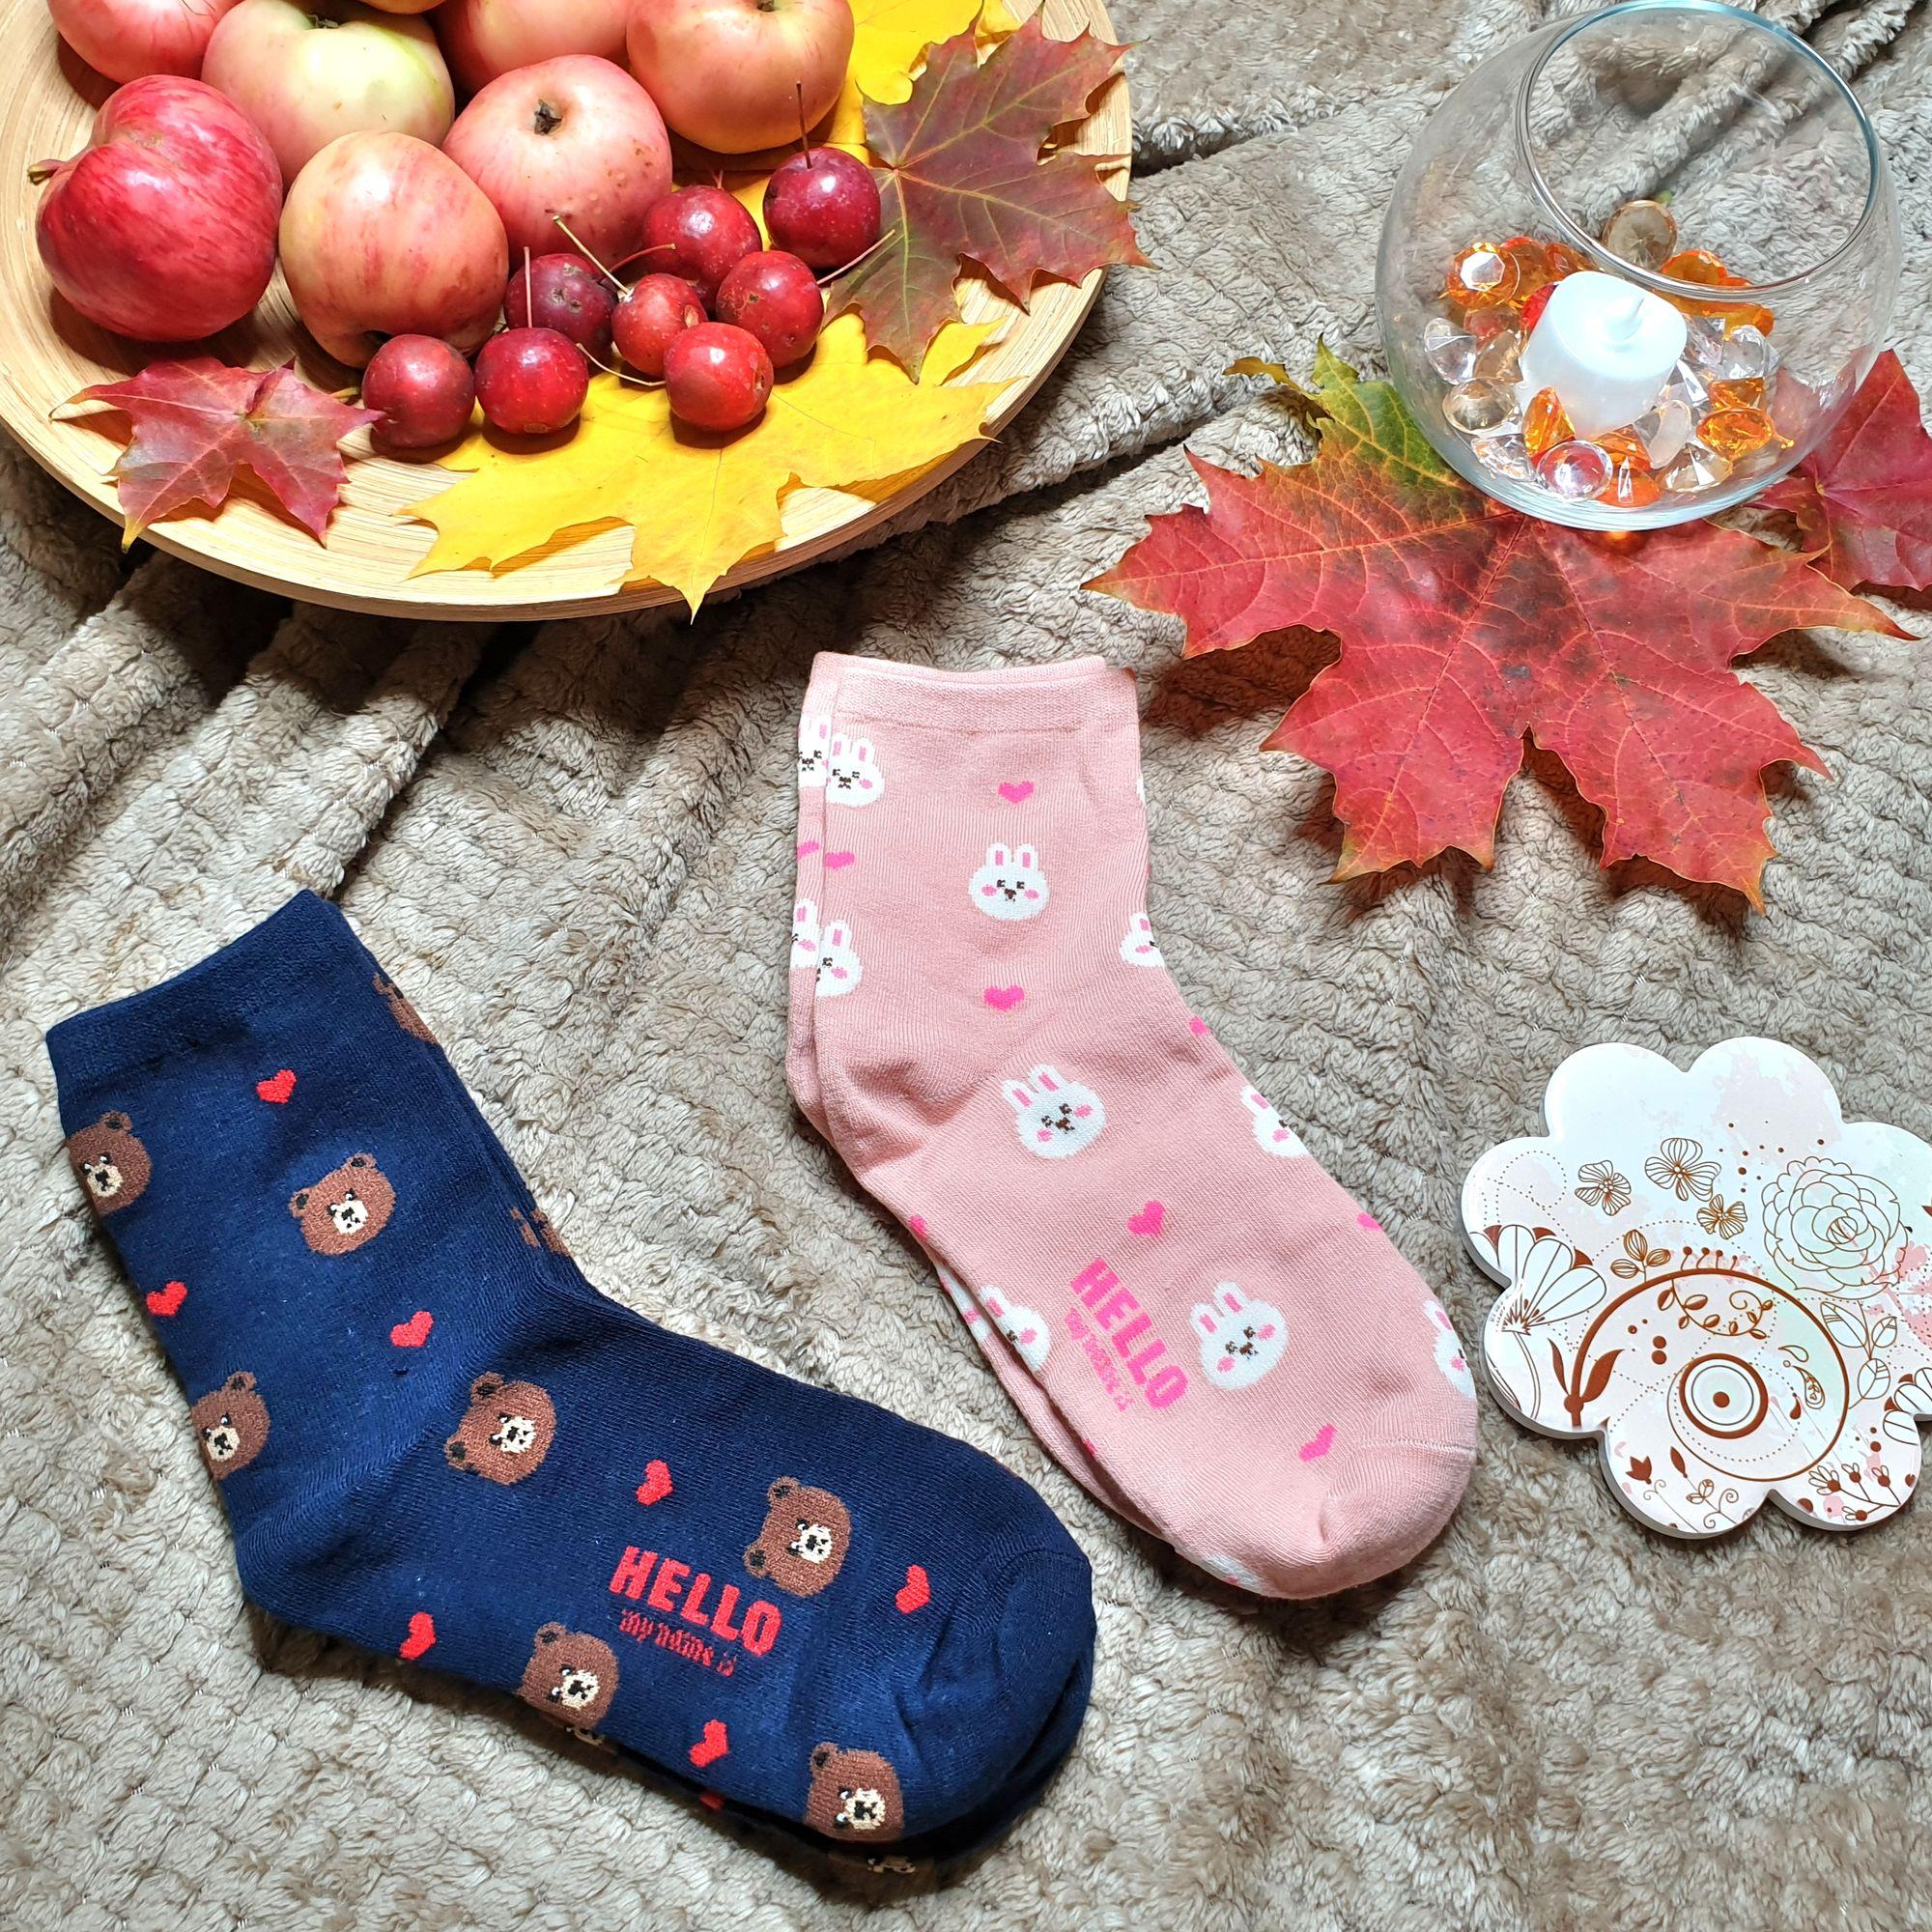 Забавные мягкие, эластичные и очень удобные носки - отзывы